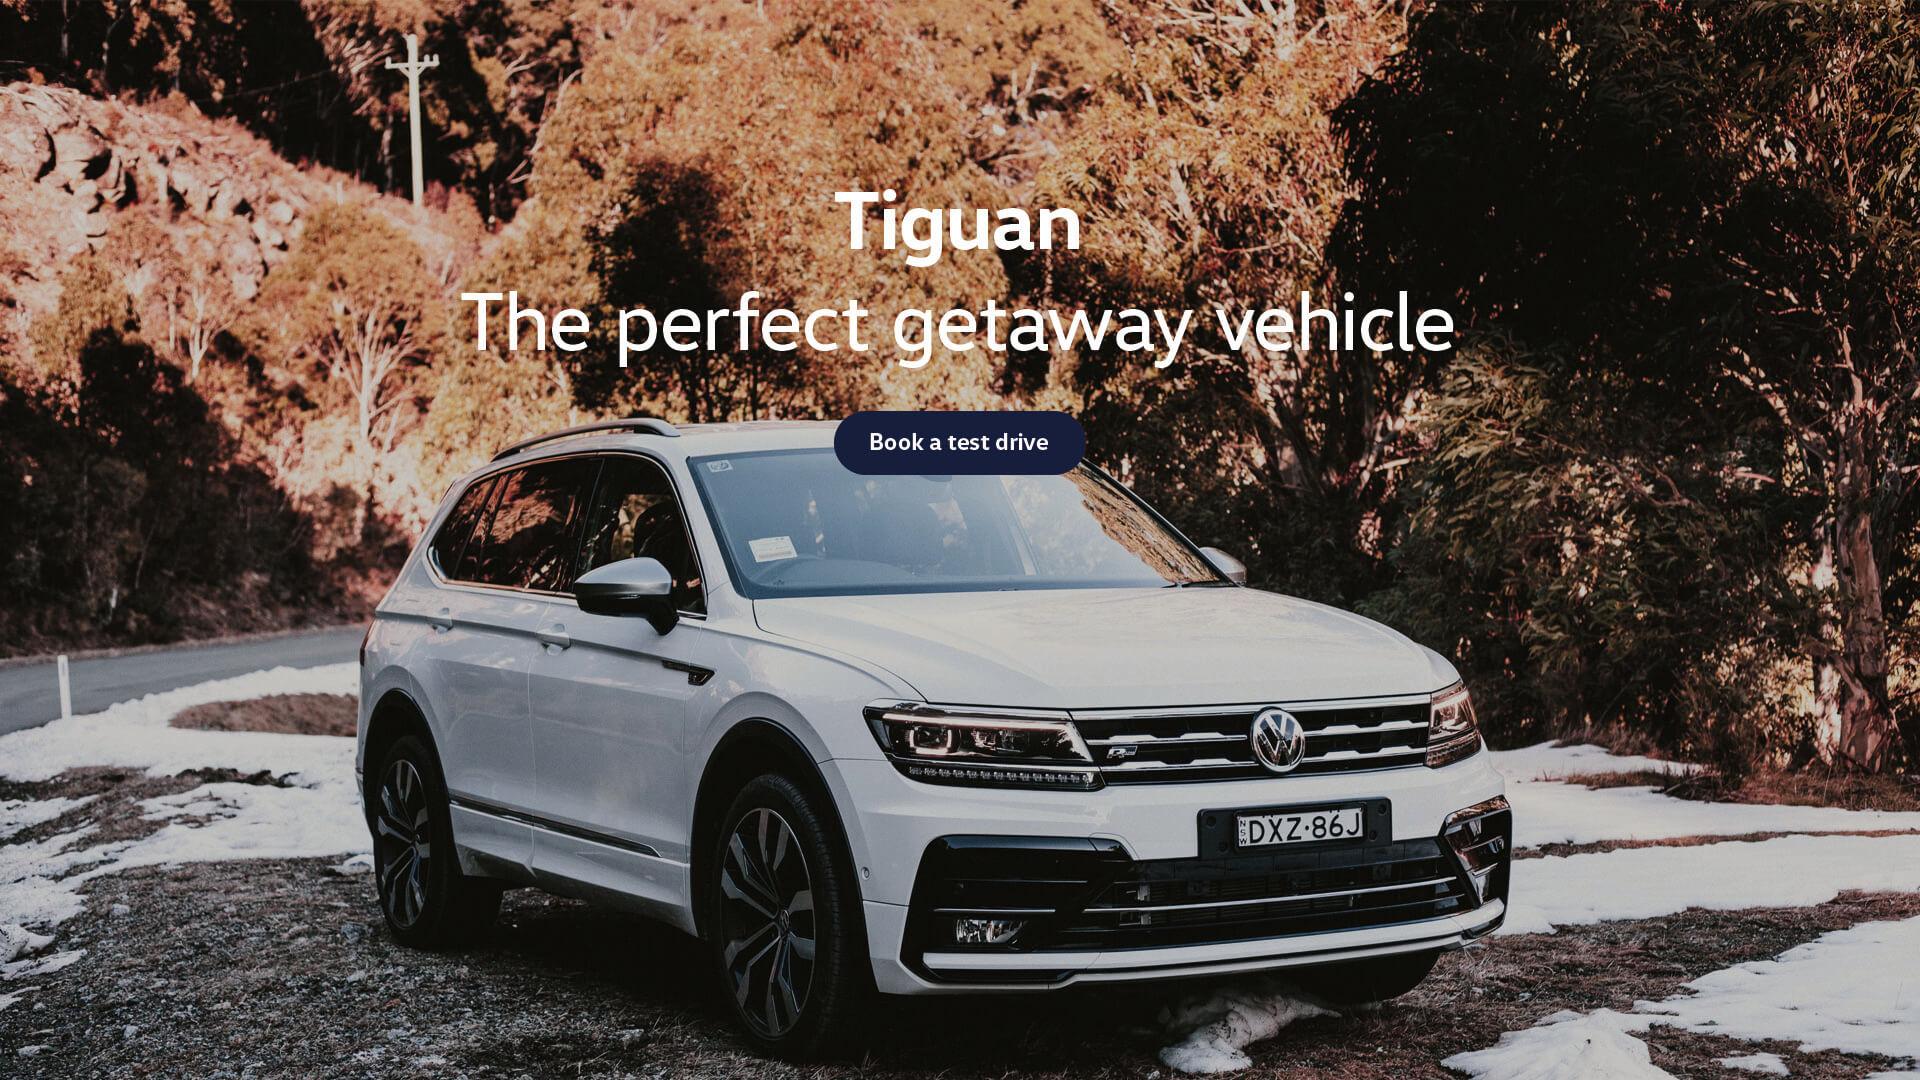 Volkswagen Tiguan. The perfect getaway vehicle. Test drive today at Geoff King Volkswagen, Coffs Harbour.